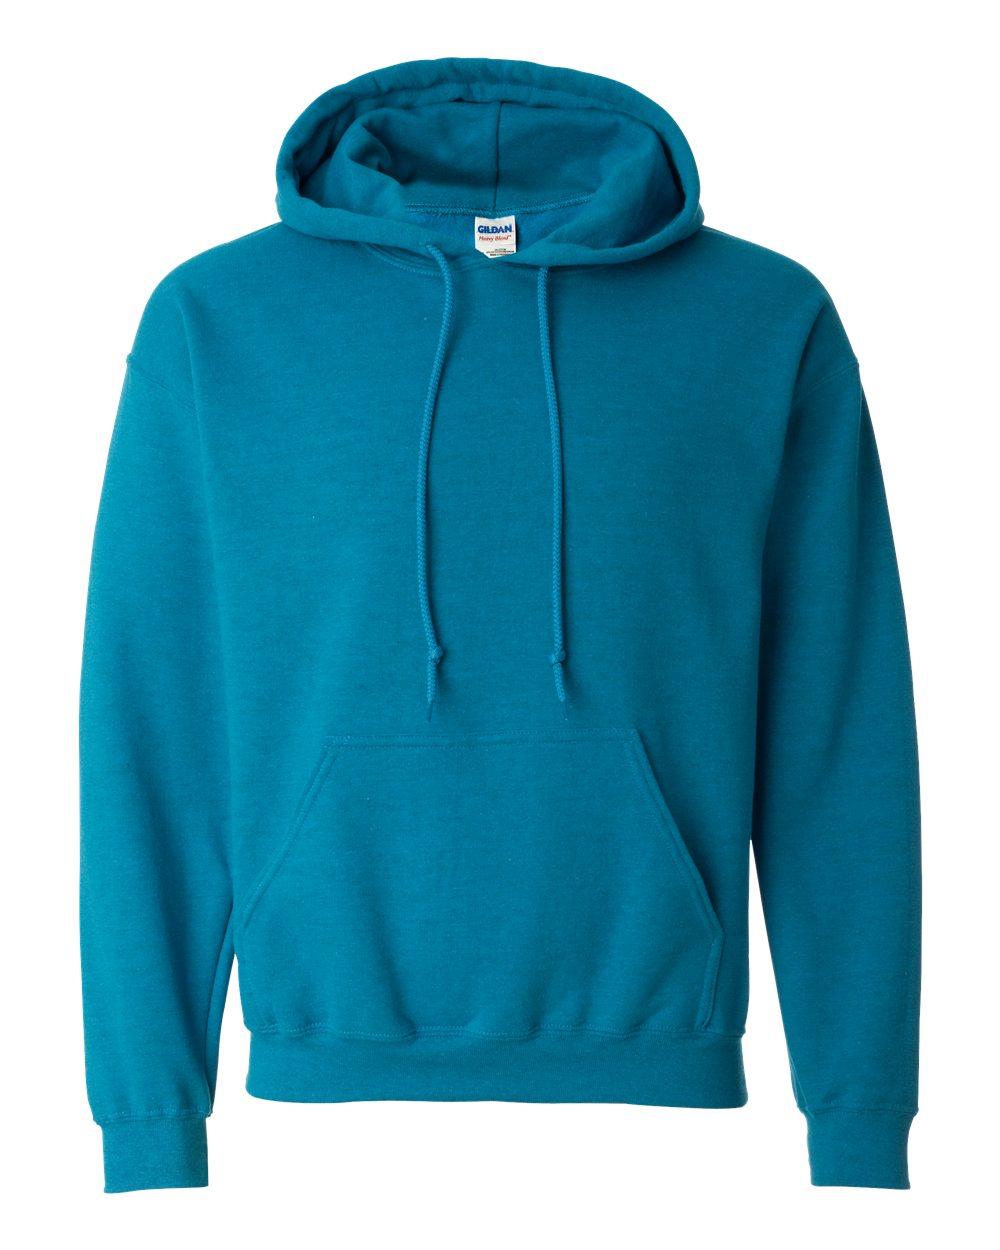 adidas Originals Herren Hoodies Cozy grün S: